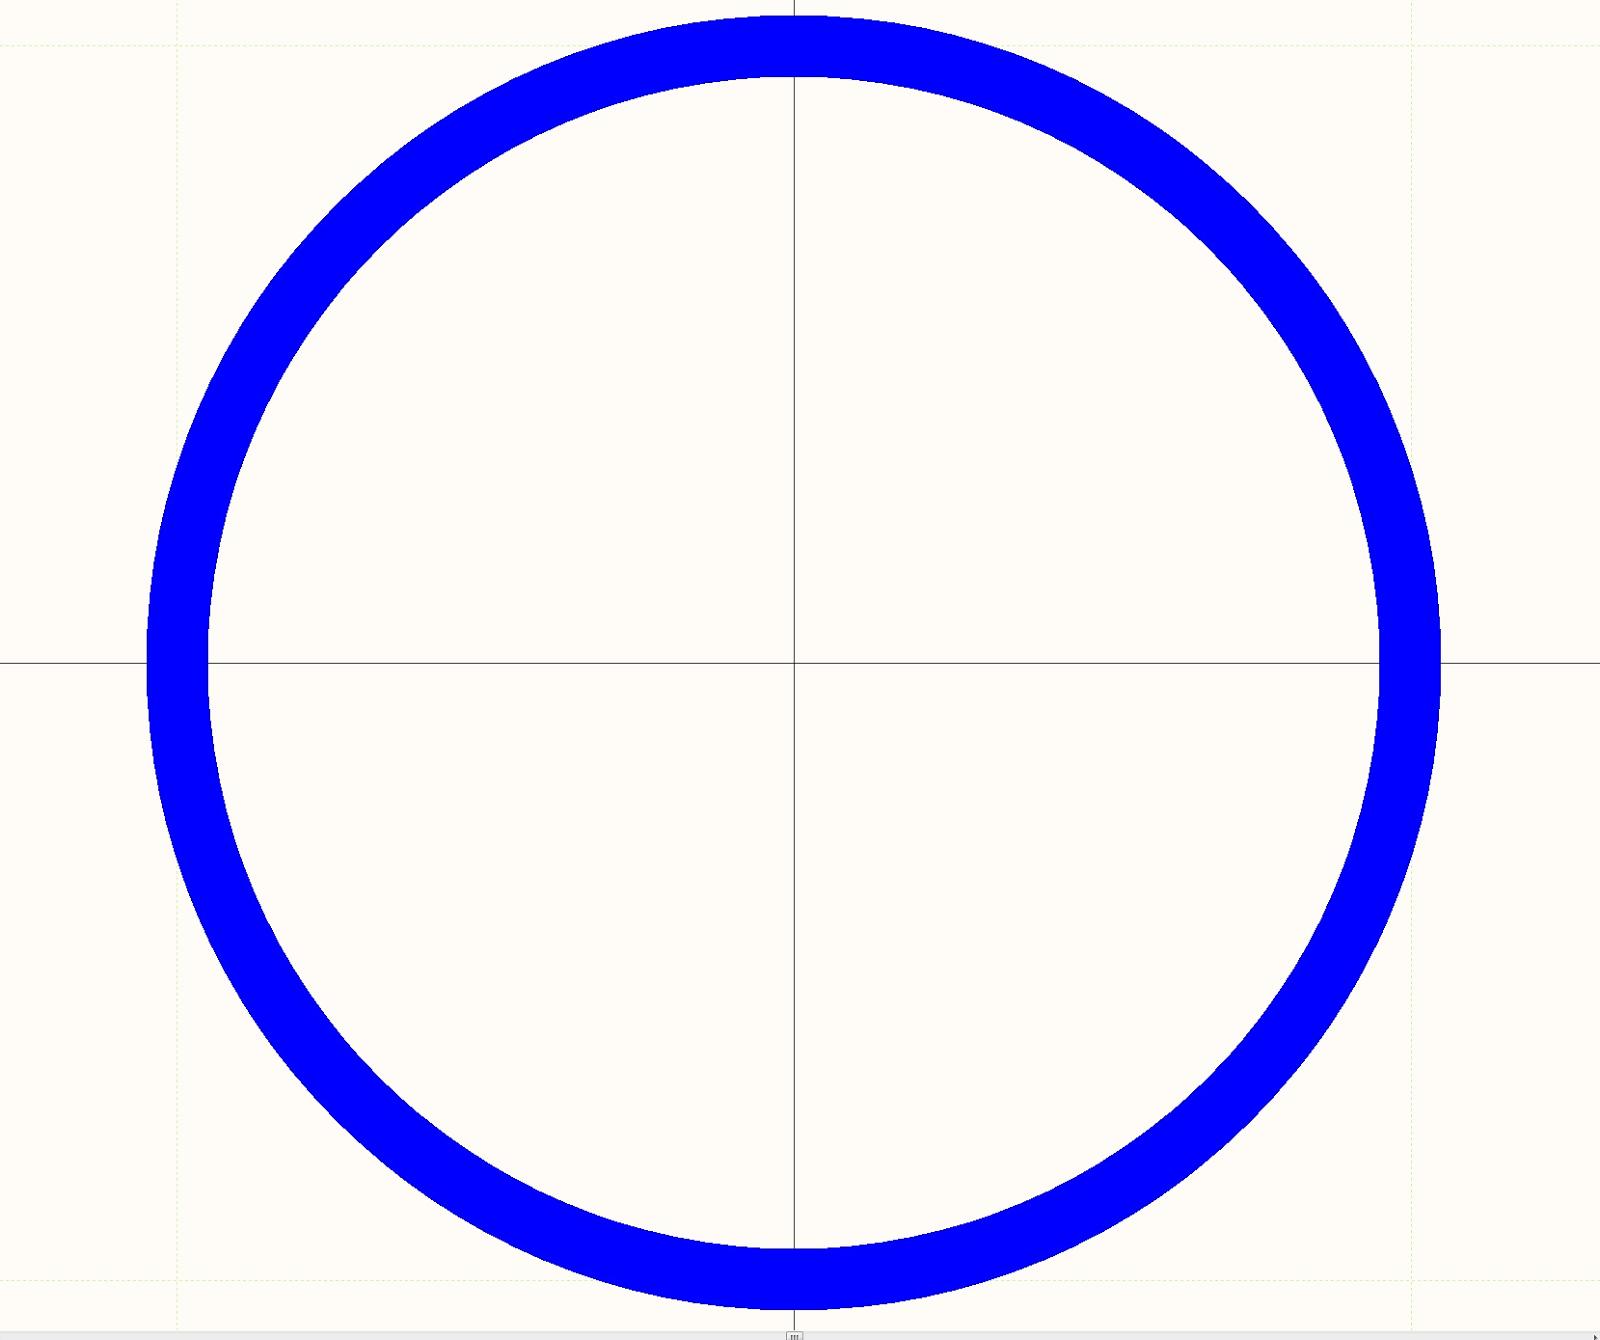 Abbildung 3.  CAD-Zeichnung zum PCB-Kabeldesign: Schaltplan-Symbol des Einzelposten